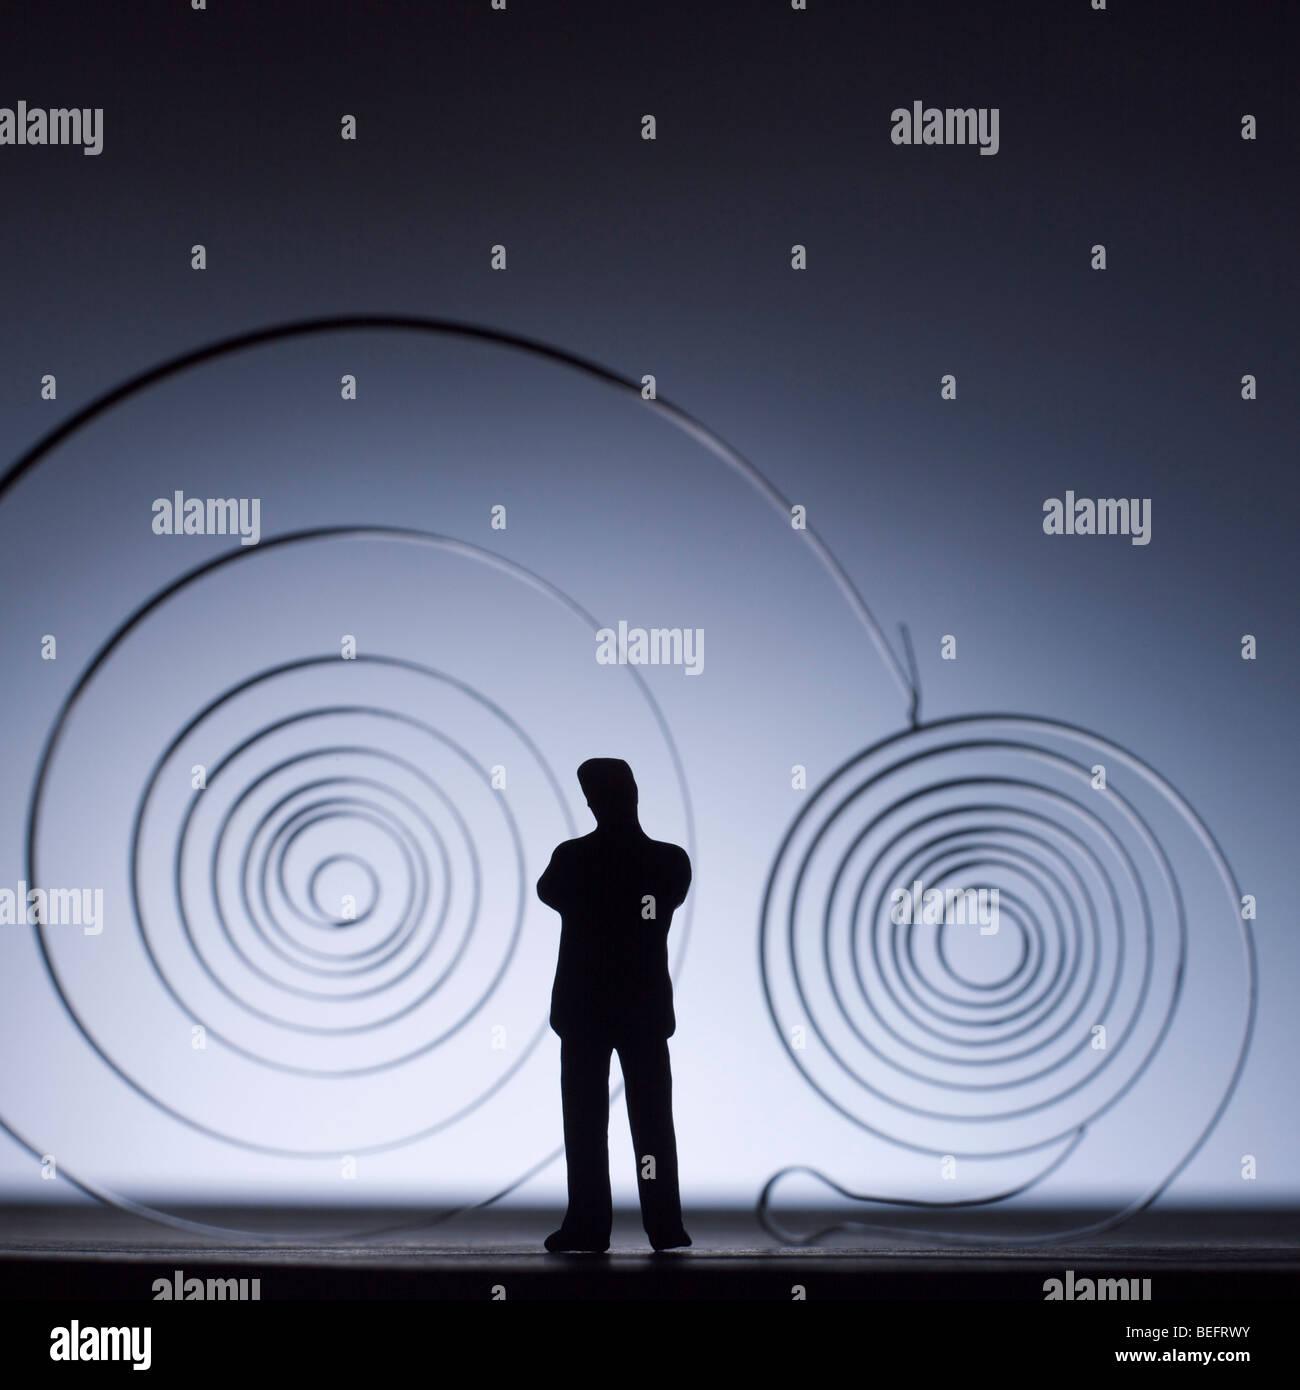 Creatividad / ideas / invención / Innovación / Industria / concepto de fabricación - espirales metálicos Imagen De Stock